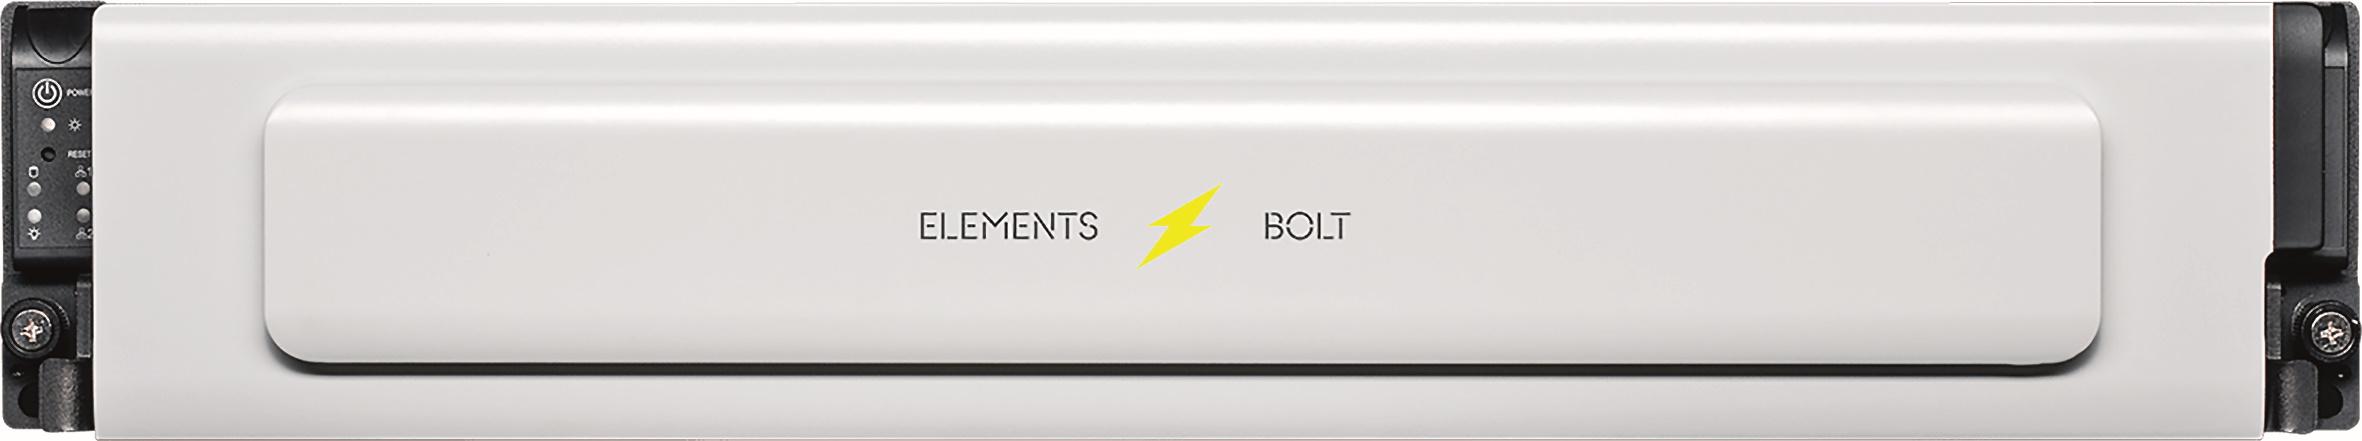 Bolt – eine Kiste voller NVMEs. Schneller geht es zum momentanen Stand der Technik nicht – bis zu 220 Tbyte lagern in einem Chassis mit 2HU.